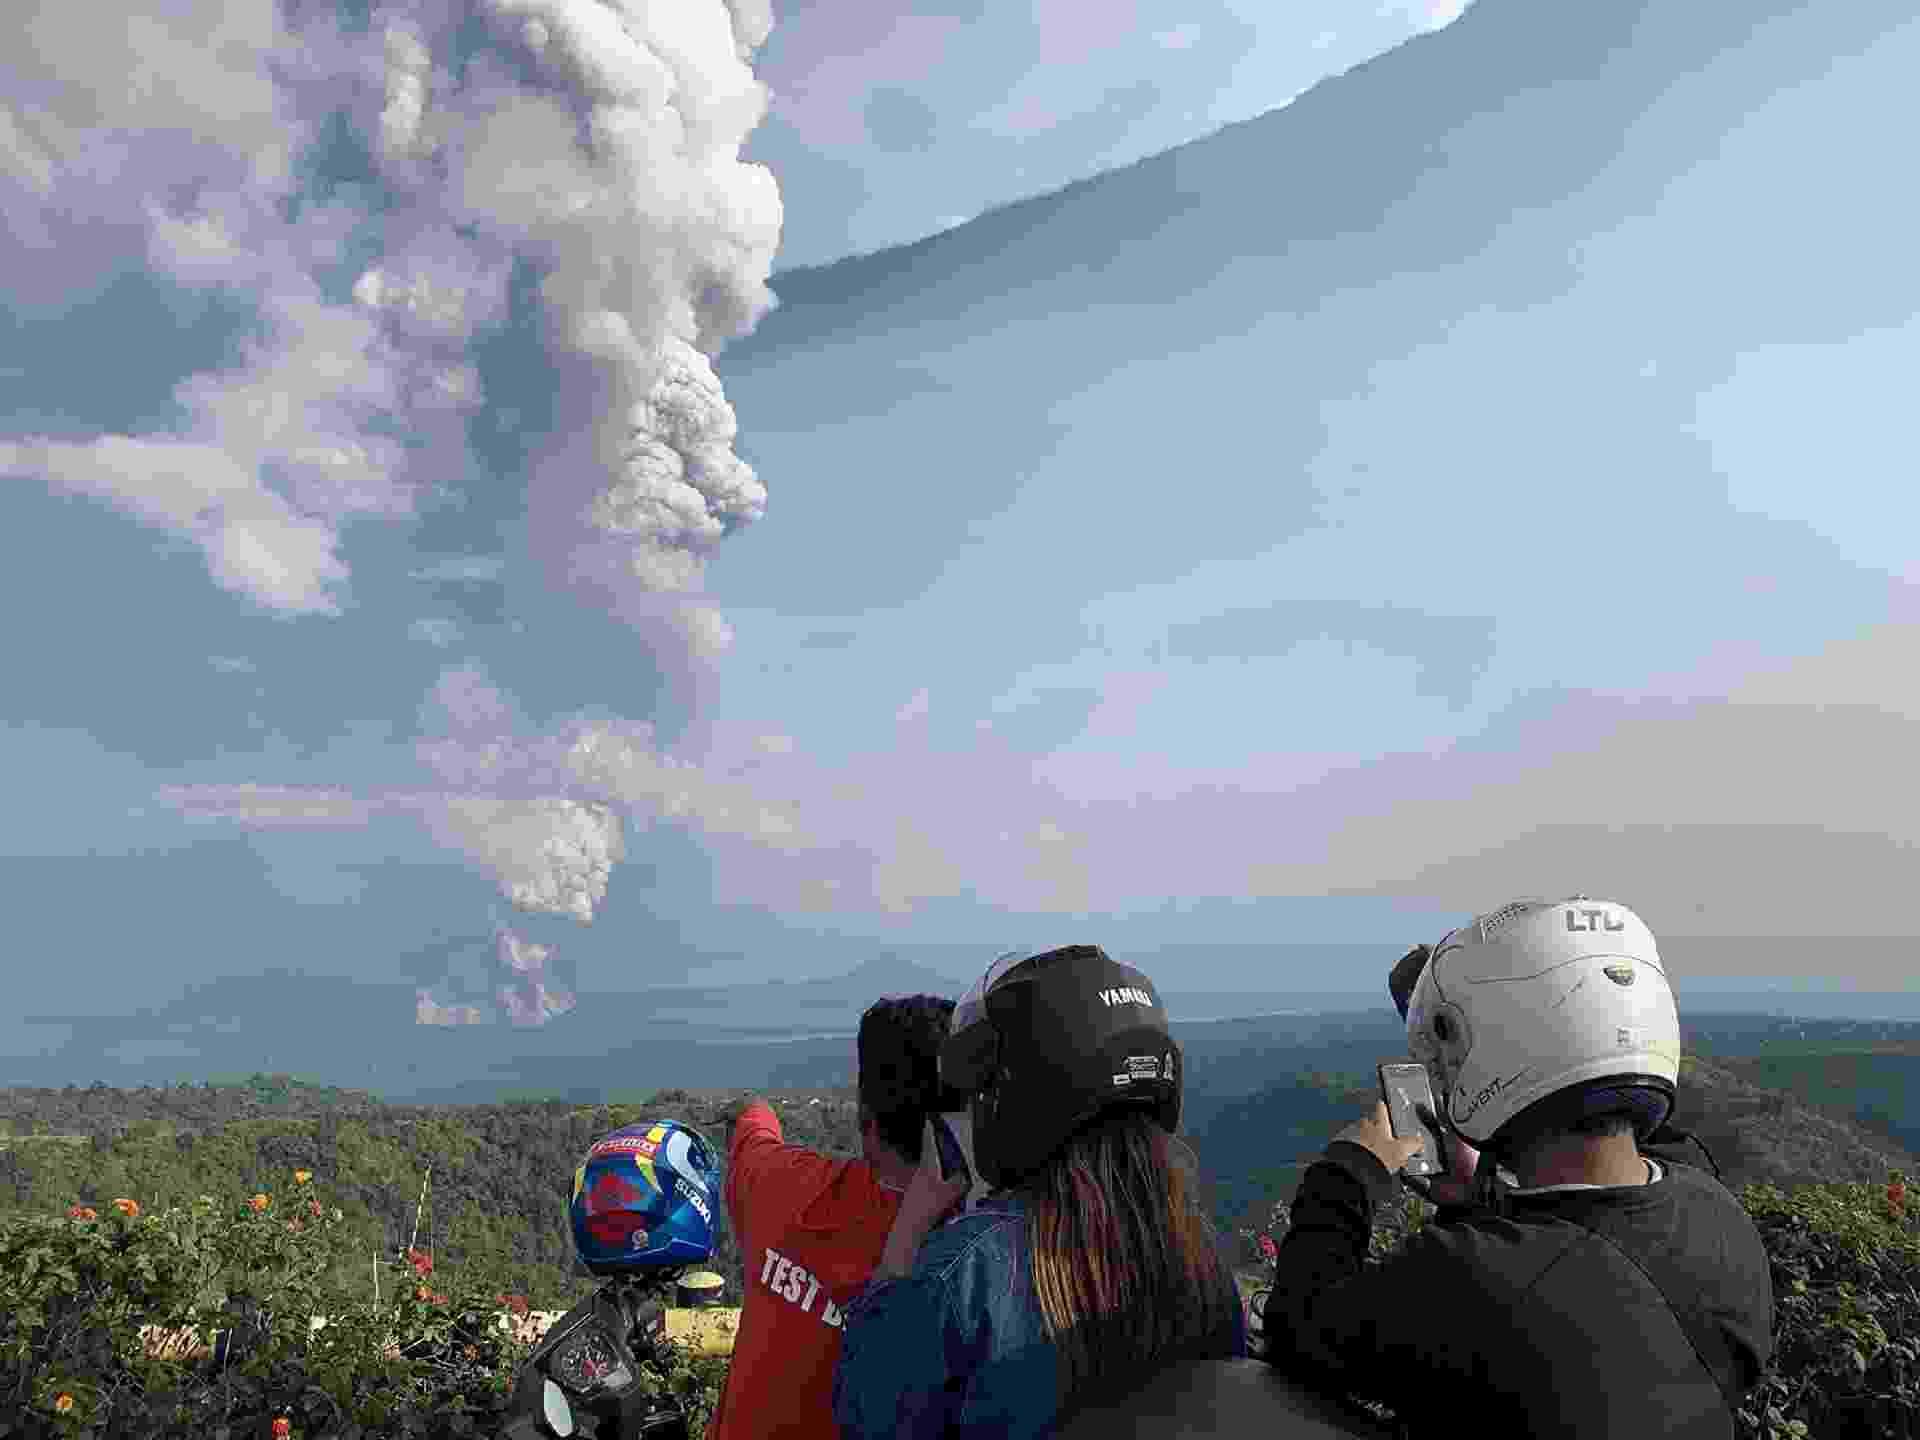 12.jan.2020 - Pessoas tiram fotos da erupção do vulcão Taal, nas Filipinas - undefined